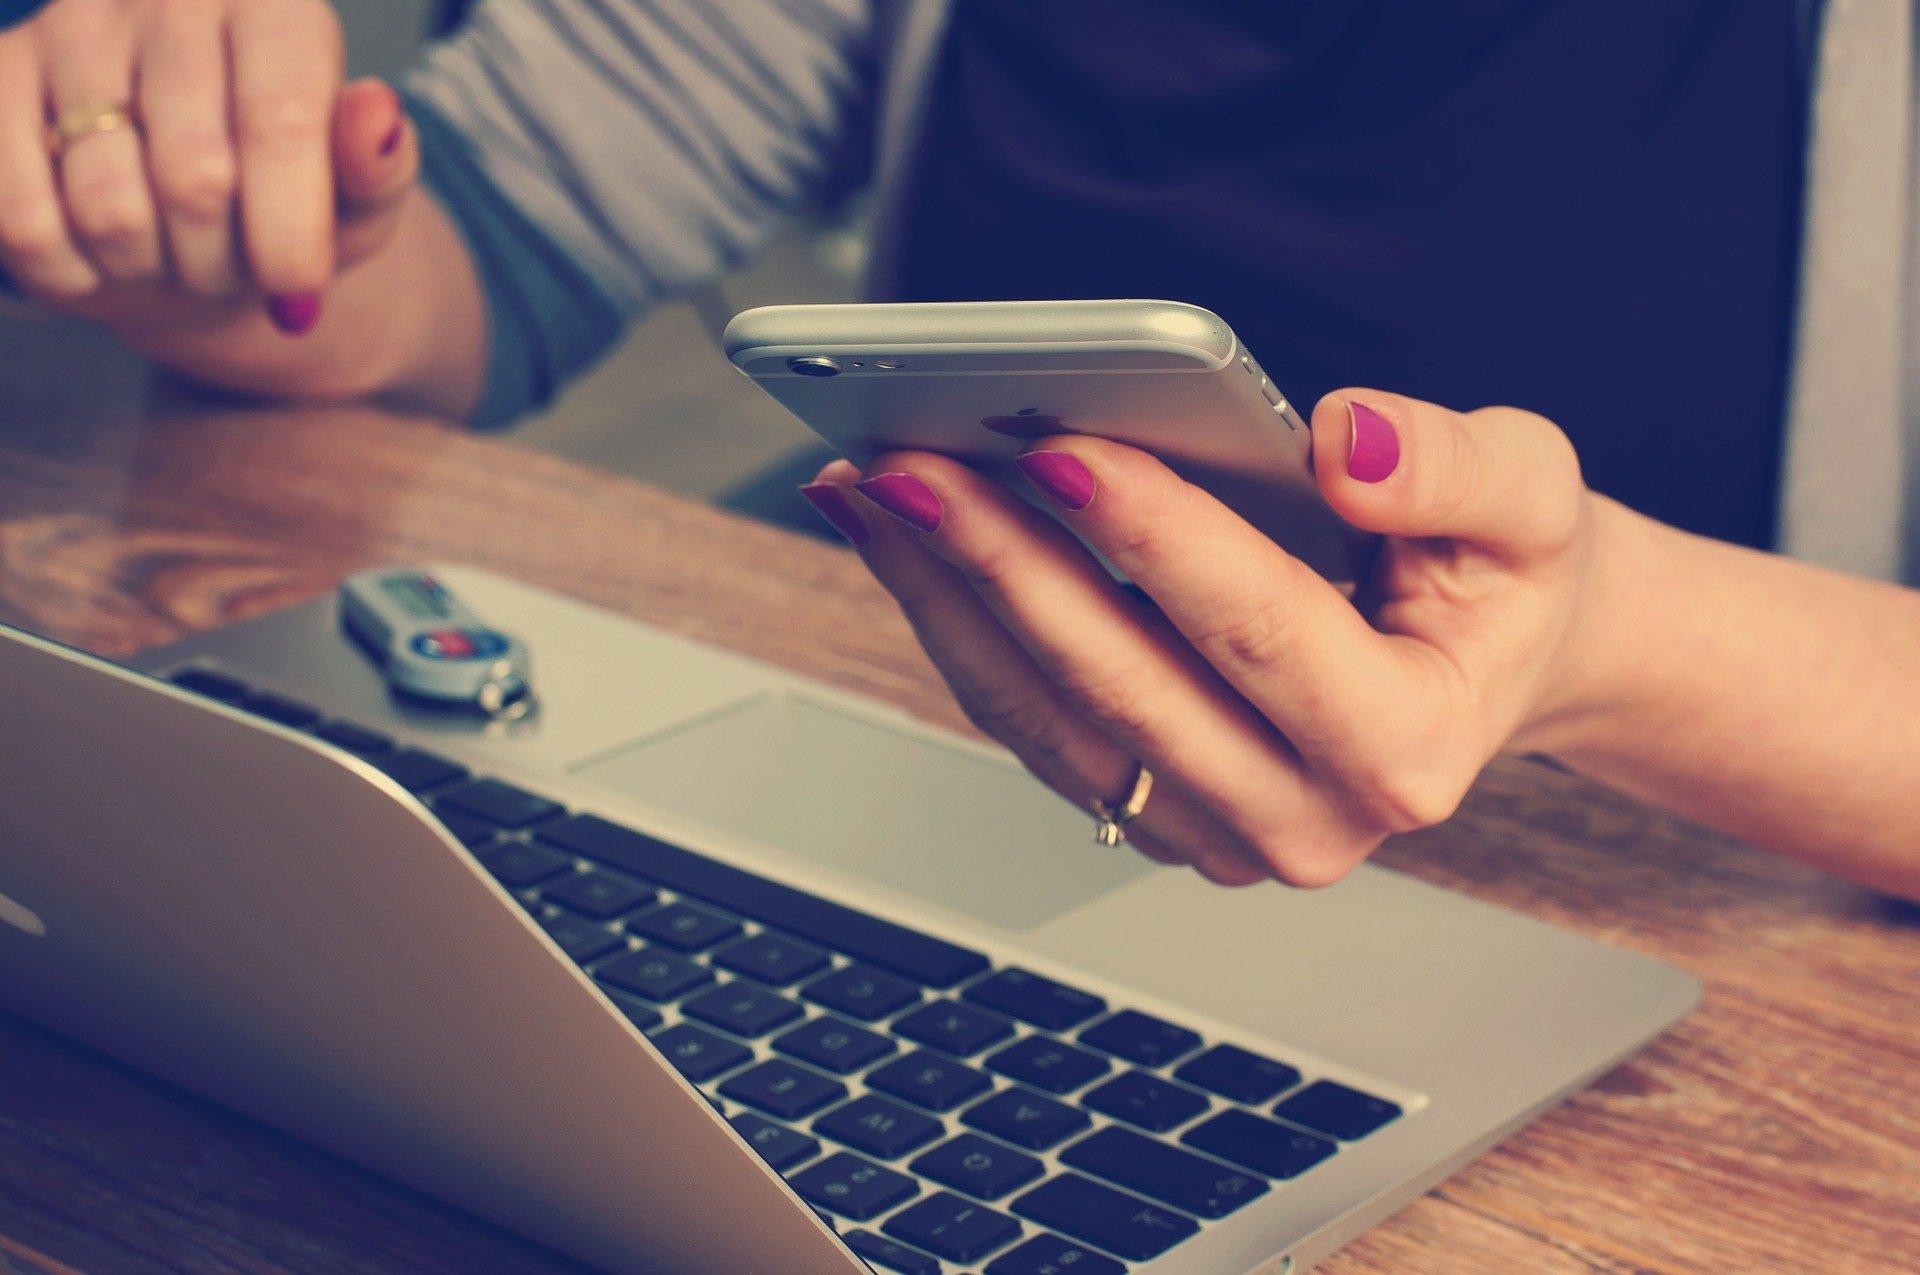 Behandling kan ske över nätet